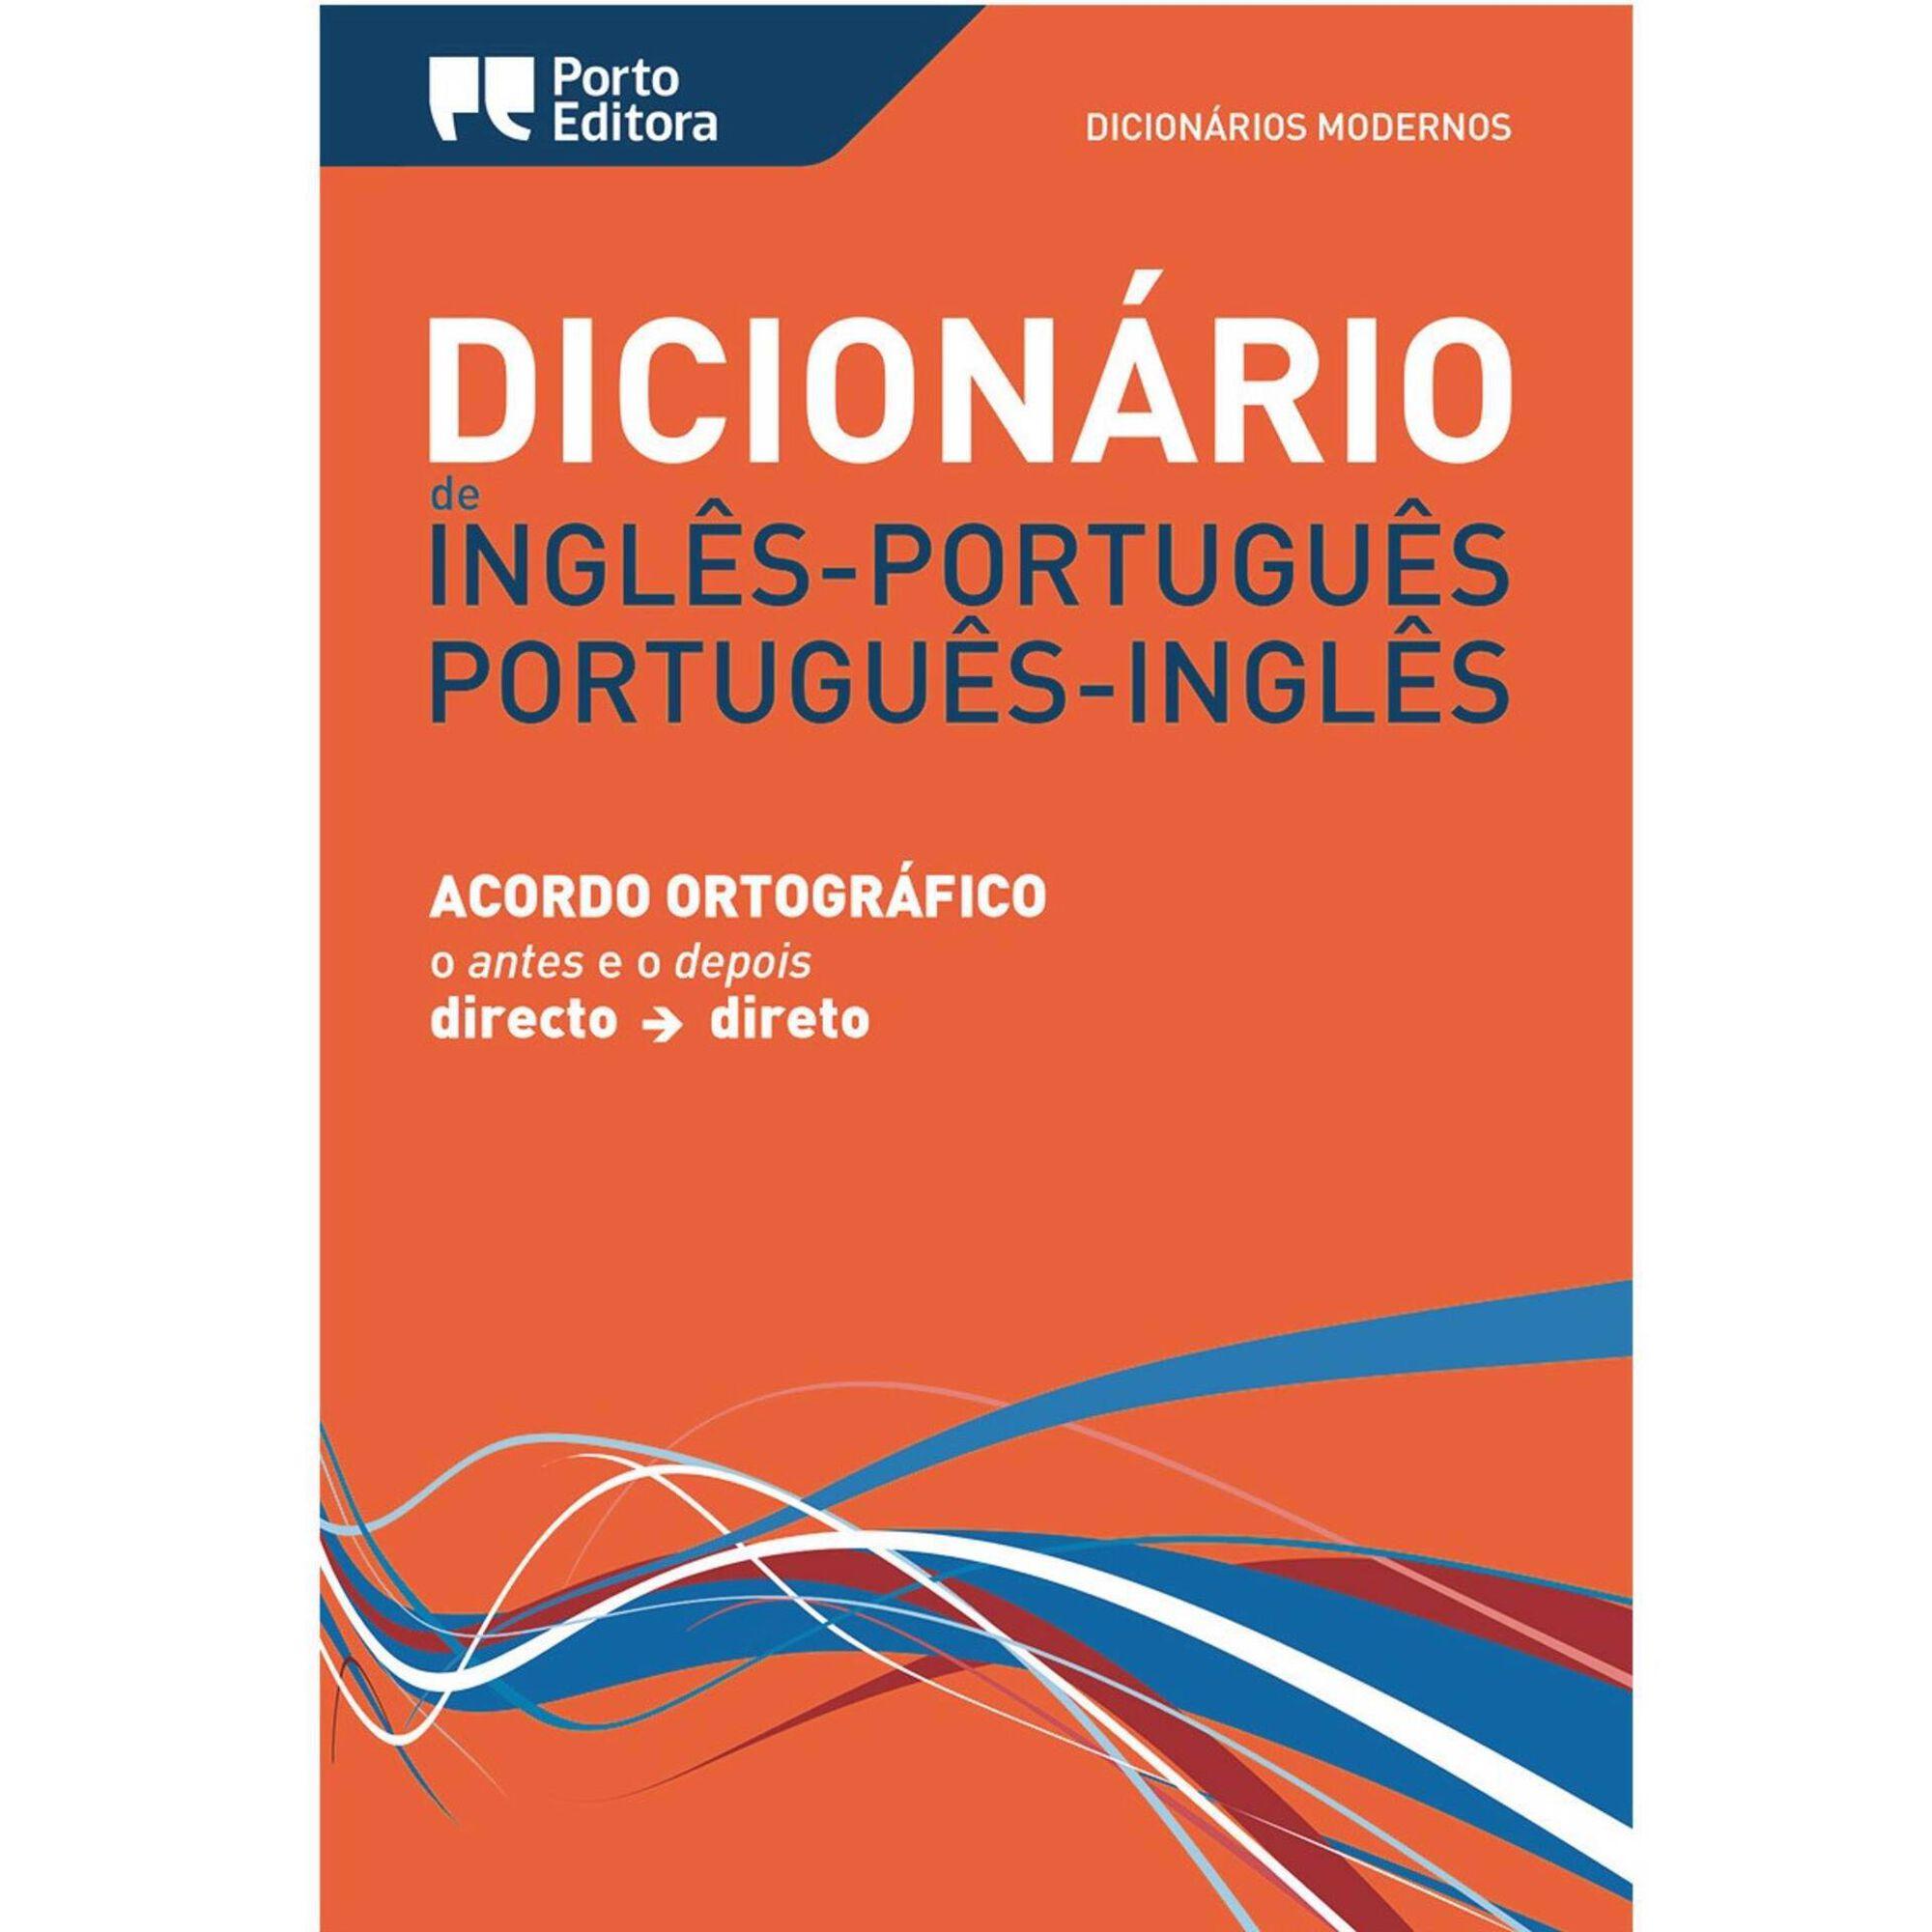 Dicionário Moderno Inglês-Português/Português-Inglês